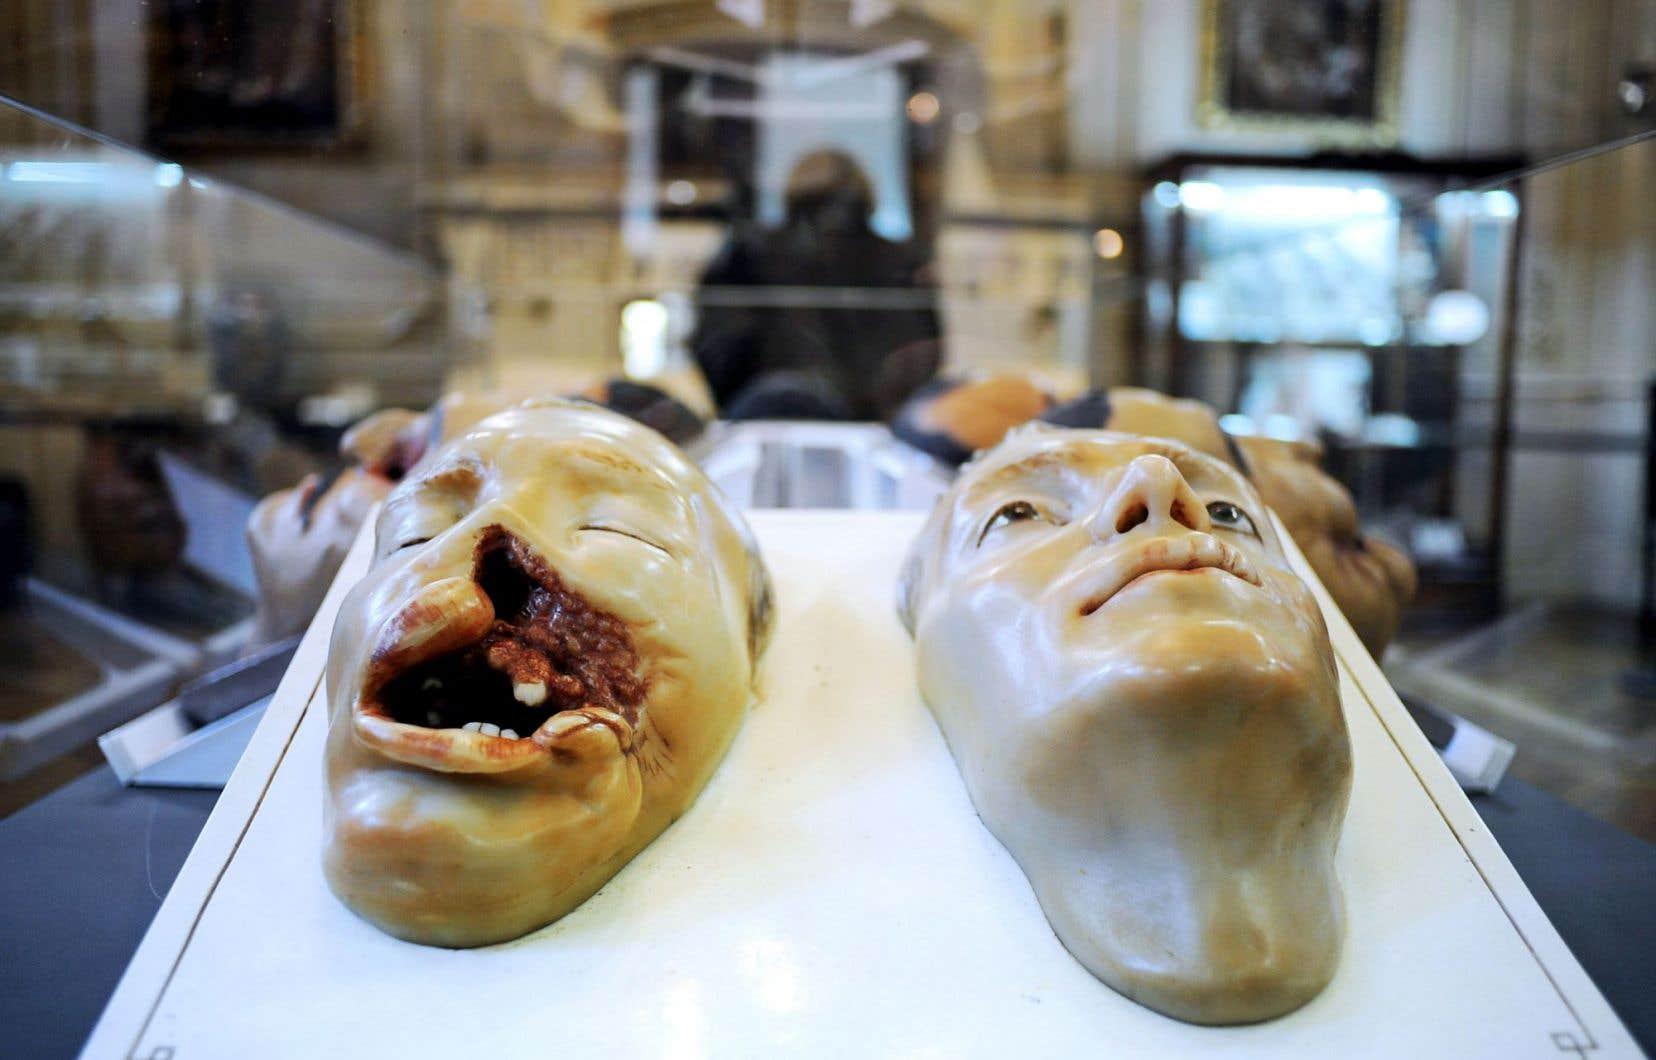 Les représentations moulées des «gueules cassées» de la Première Guerre mondiale, comme les milliers d'images figées prises en catimini durant le conflit, finiront par échapper à la censure et par circuler largement. Ci-dessus, deux de ces moulures macabres exposées au musée des Hospices civils de Lyon, en 2008.